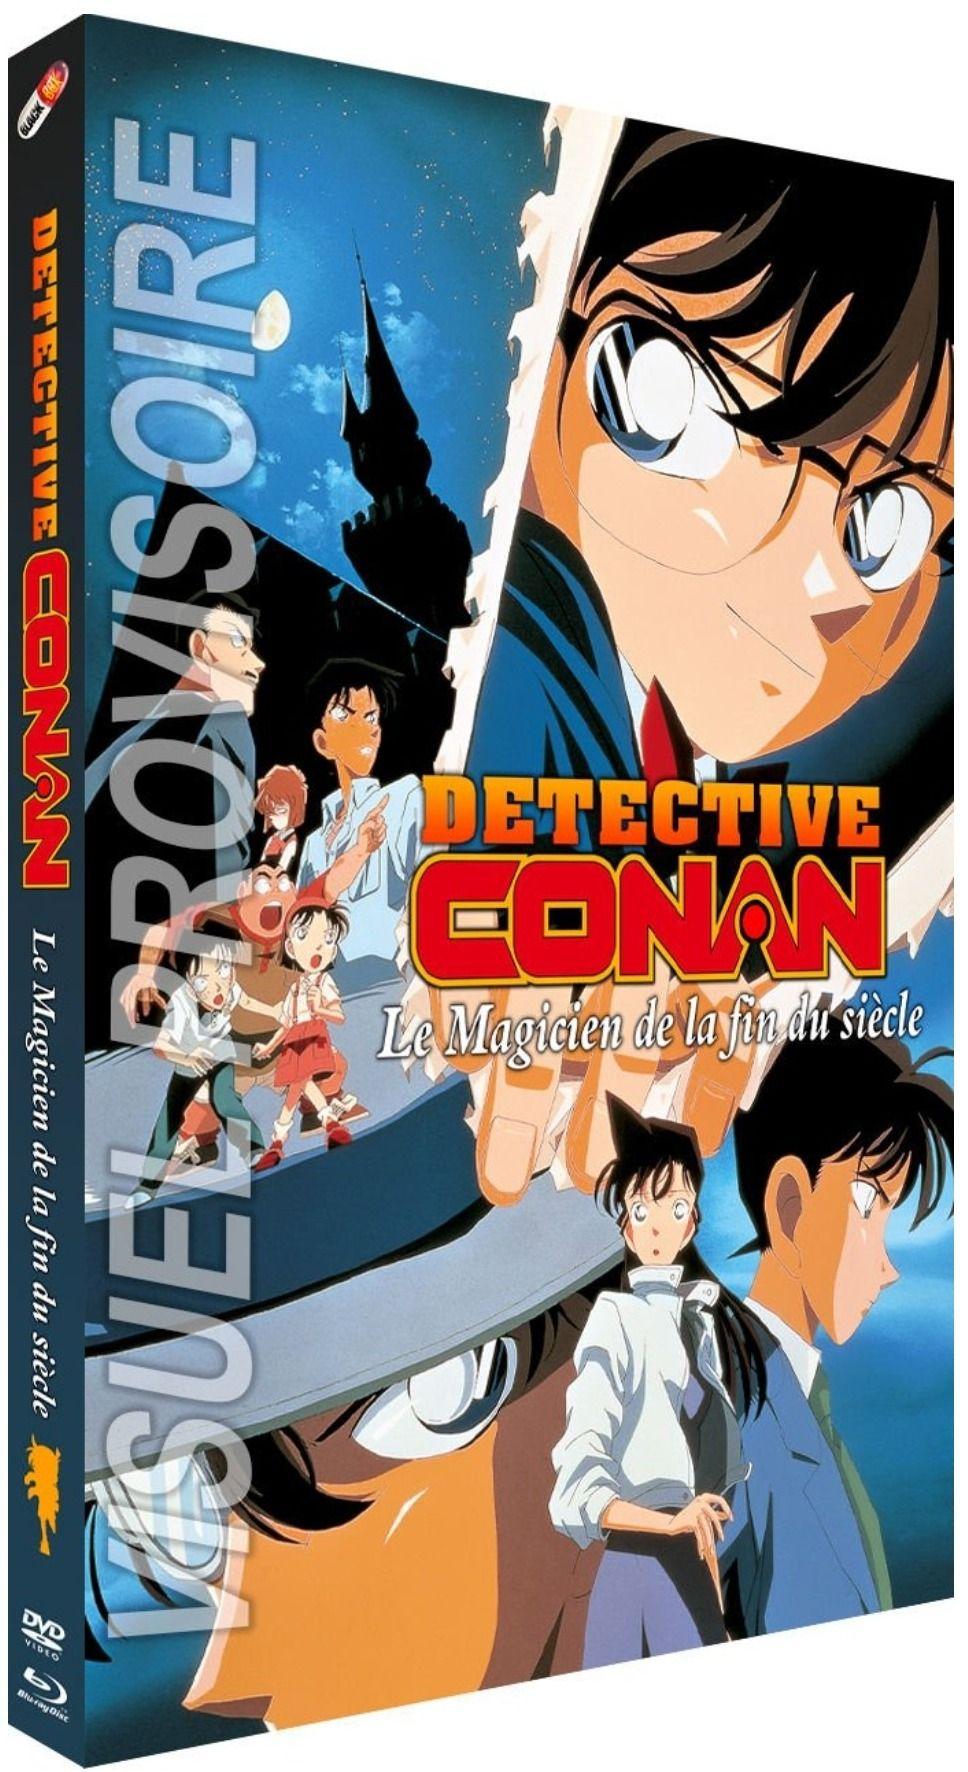 Détective Conan - Film 3 : Le Magicien de la fin du siècle - Combo Blu-ray + DVD